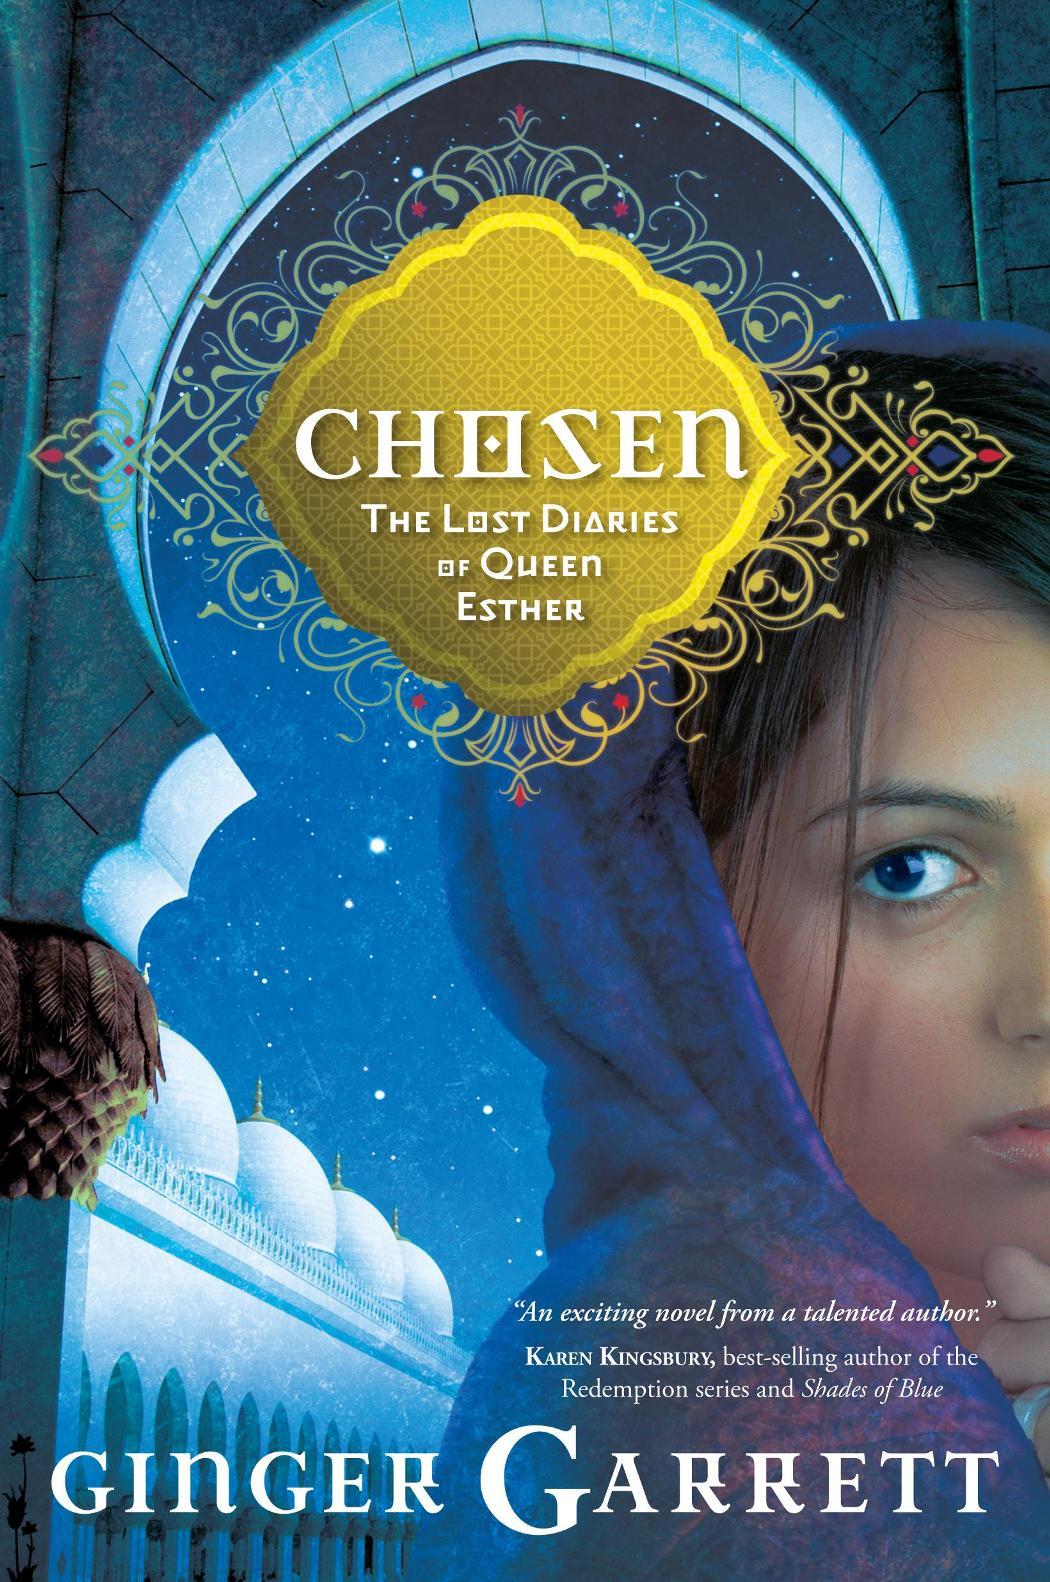 [Chosen_cover-Ginger_Garrett_for_printing]